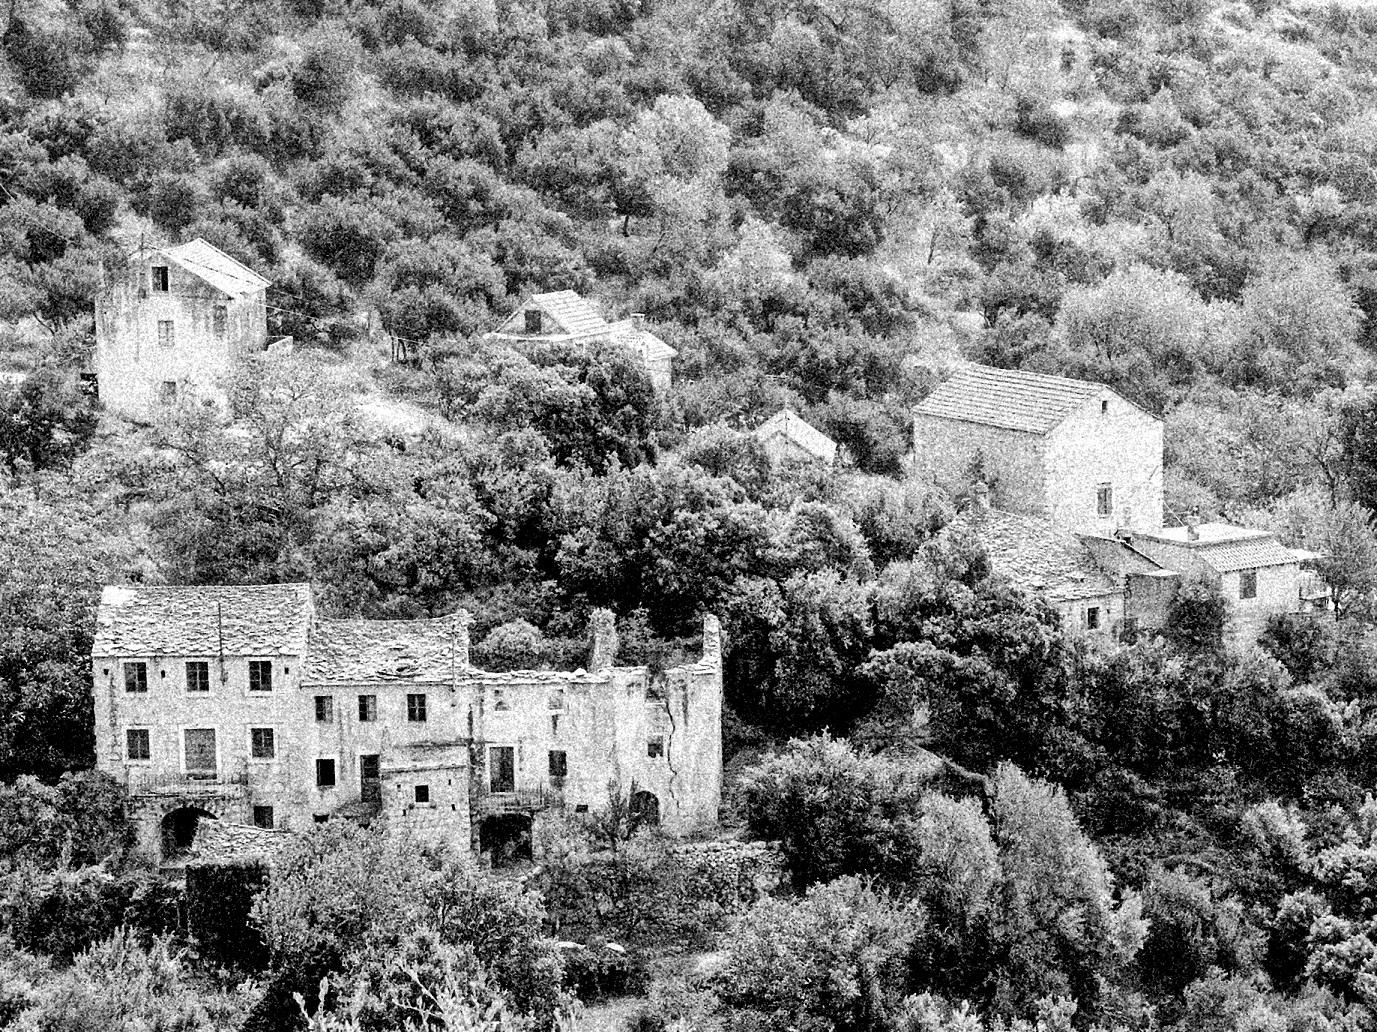 Prvi potres magnitude 5,9 stepeni udario je 7. siječnja 1962. u jedanaest sati prije podneva, te je porušio i oštetio kuće u mnogim selima južno od Makarske, onim u brdu, kao i onim malobrojnijim i dotad siromašnijim, ribarskim, uz obalu